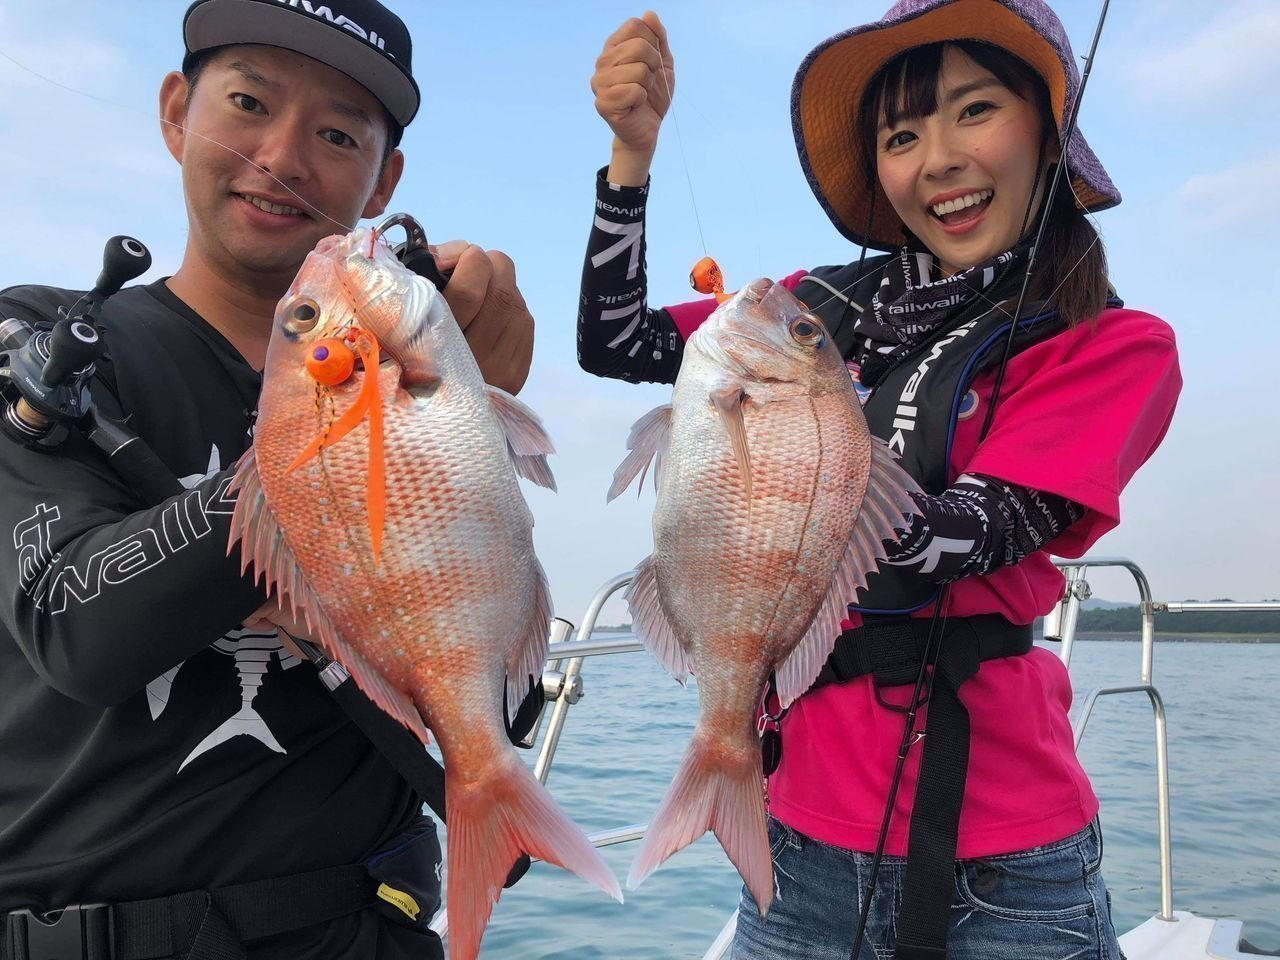 女性と男性がタイラバでマダイ釣りをしている写真